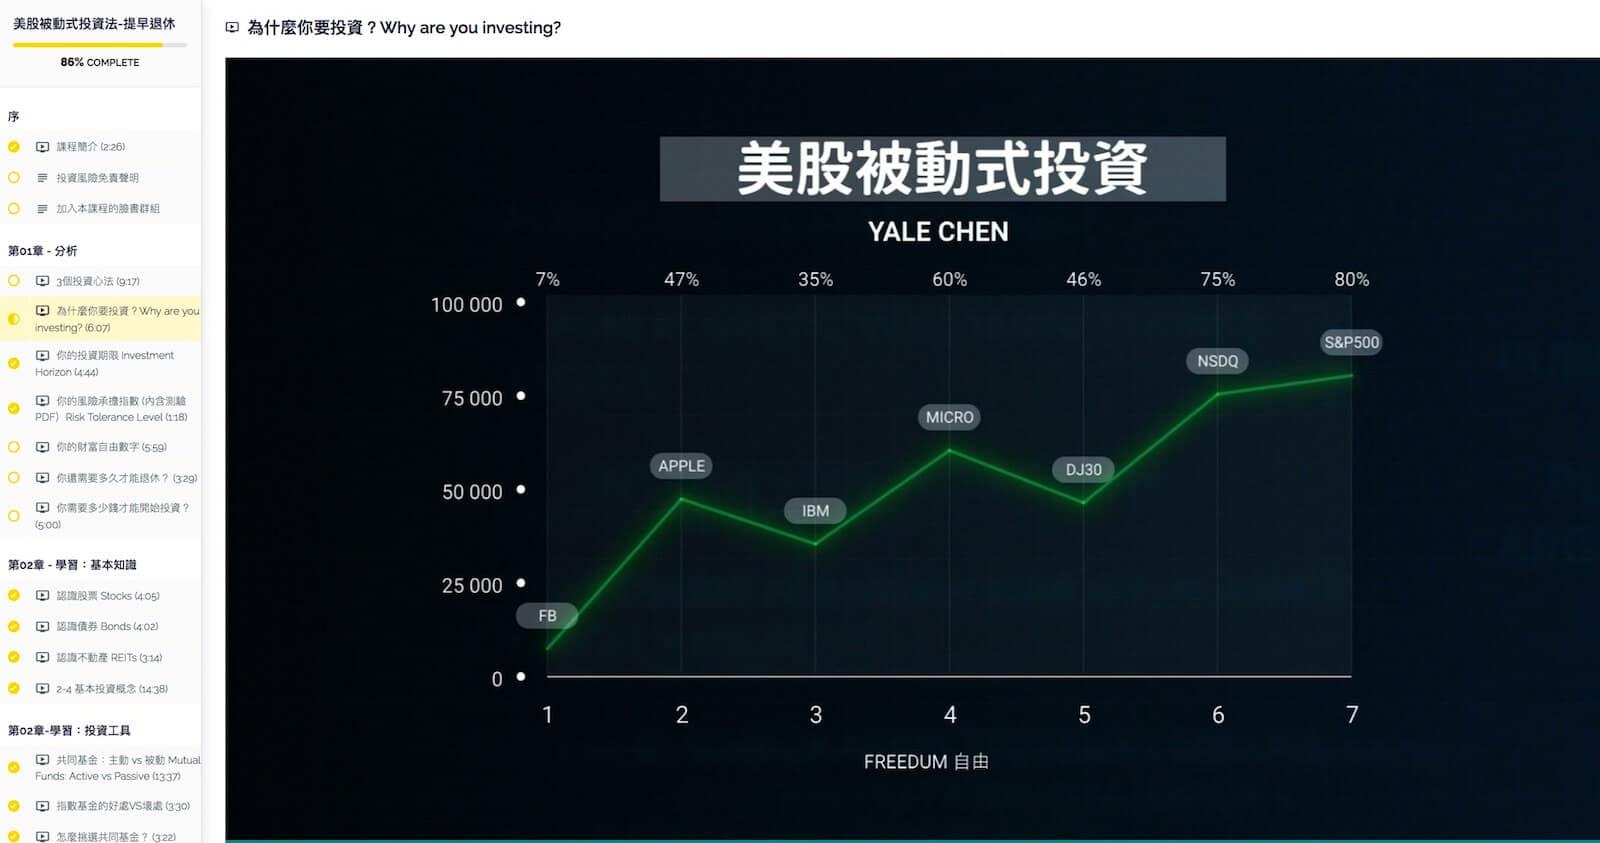 美股被動式投資課程概覽